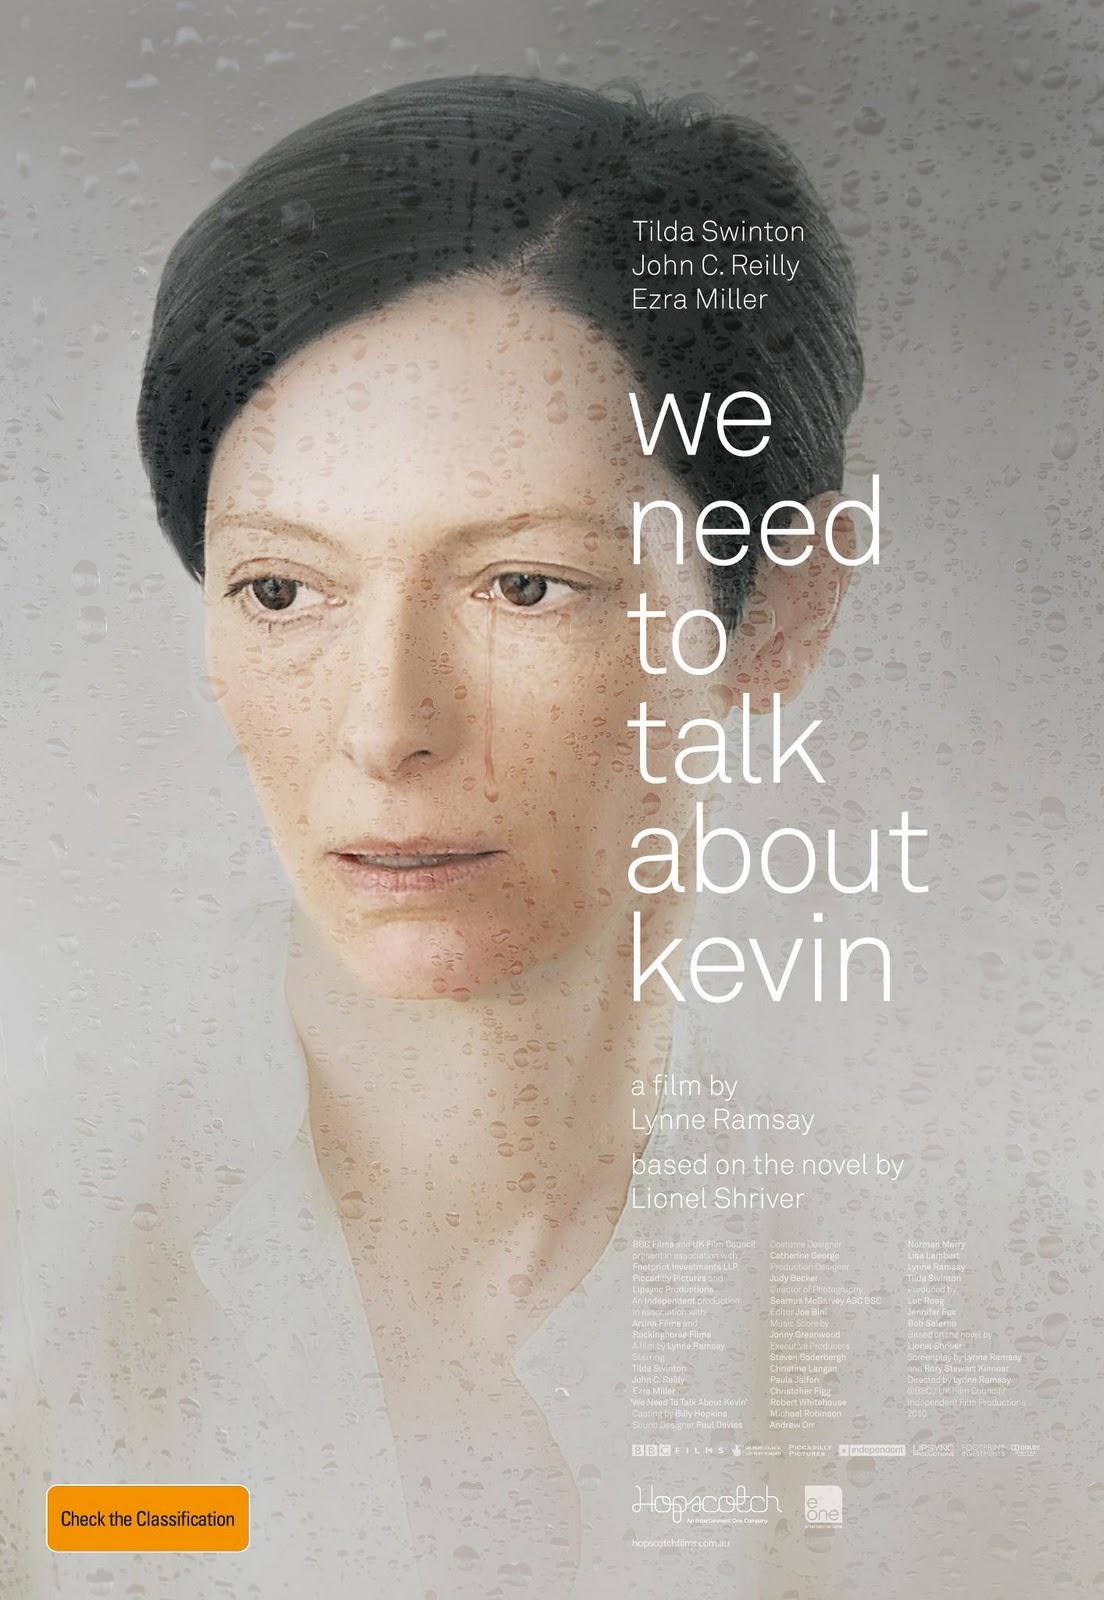 http://4.bp.blogspot.com/-aa3Oe0q2zAI/Ts8D7Pa71aI/AAAAAAAAC2g/mpZXt5UytnY/s1600/we-need-to-talk-about-kevin-Australian-poster.jpg